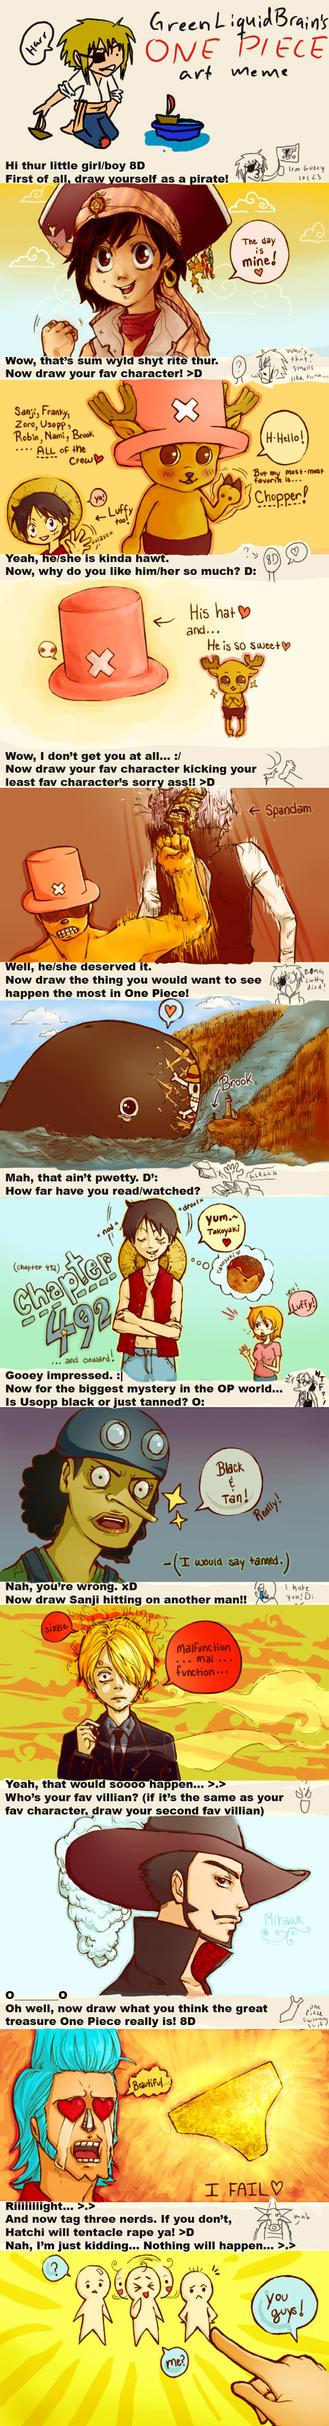 One Piece Meme by Reba